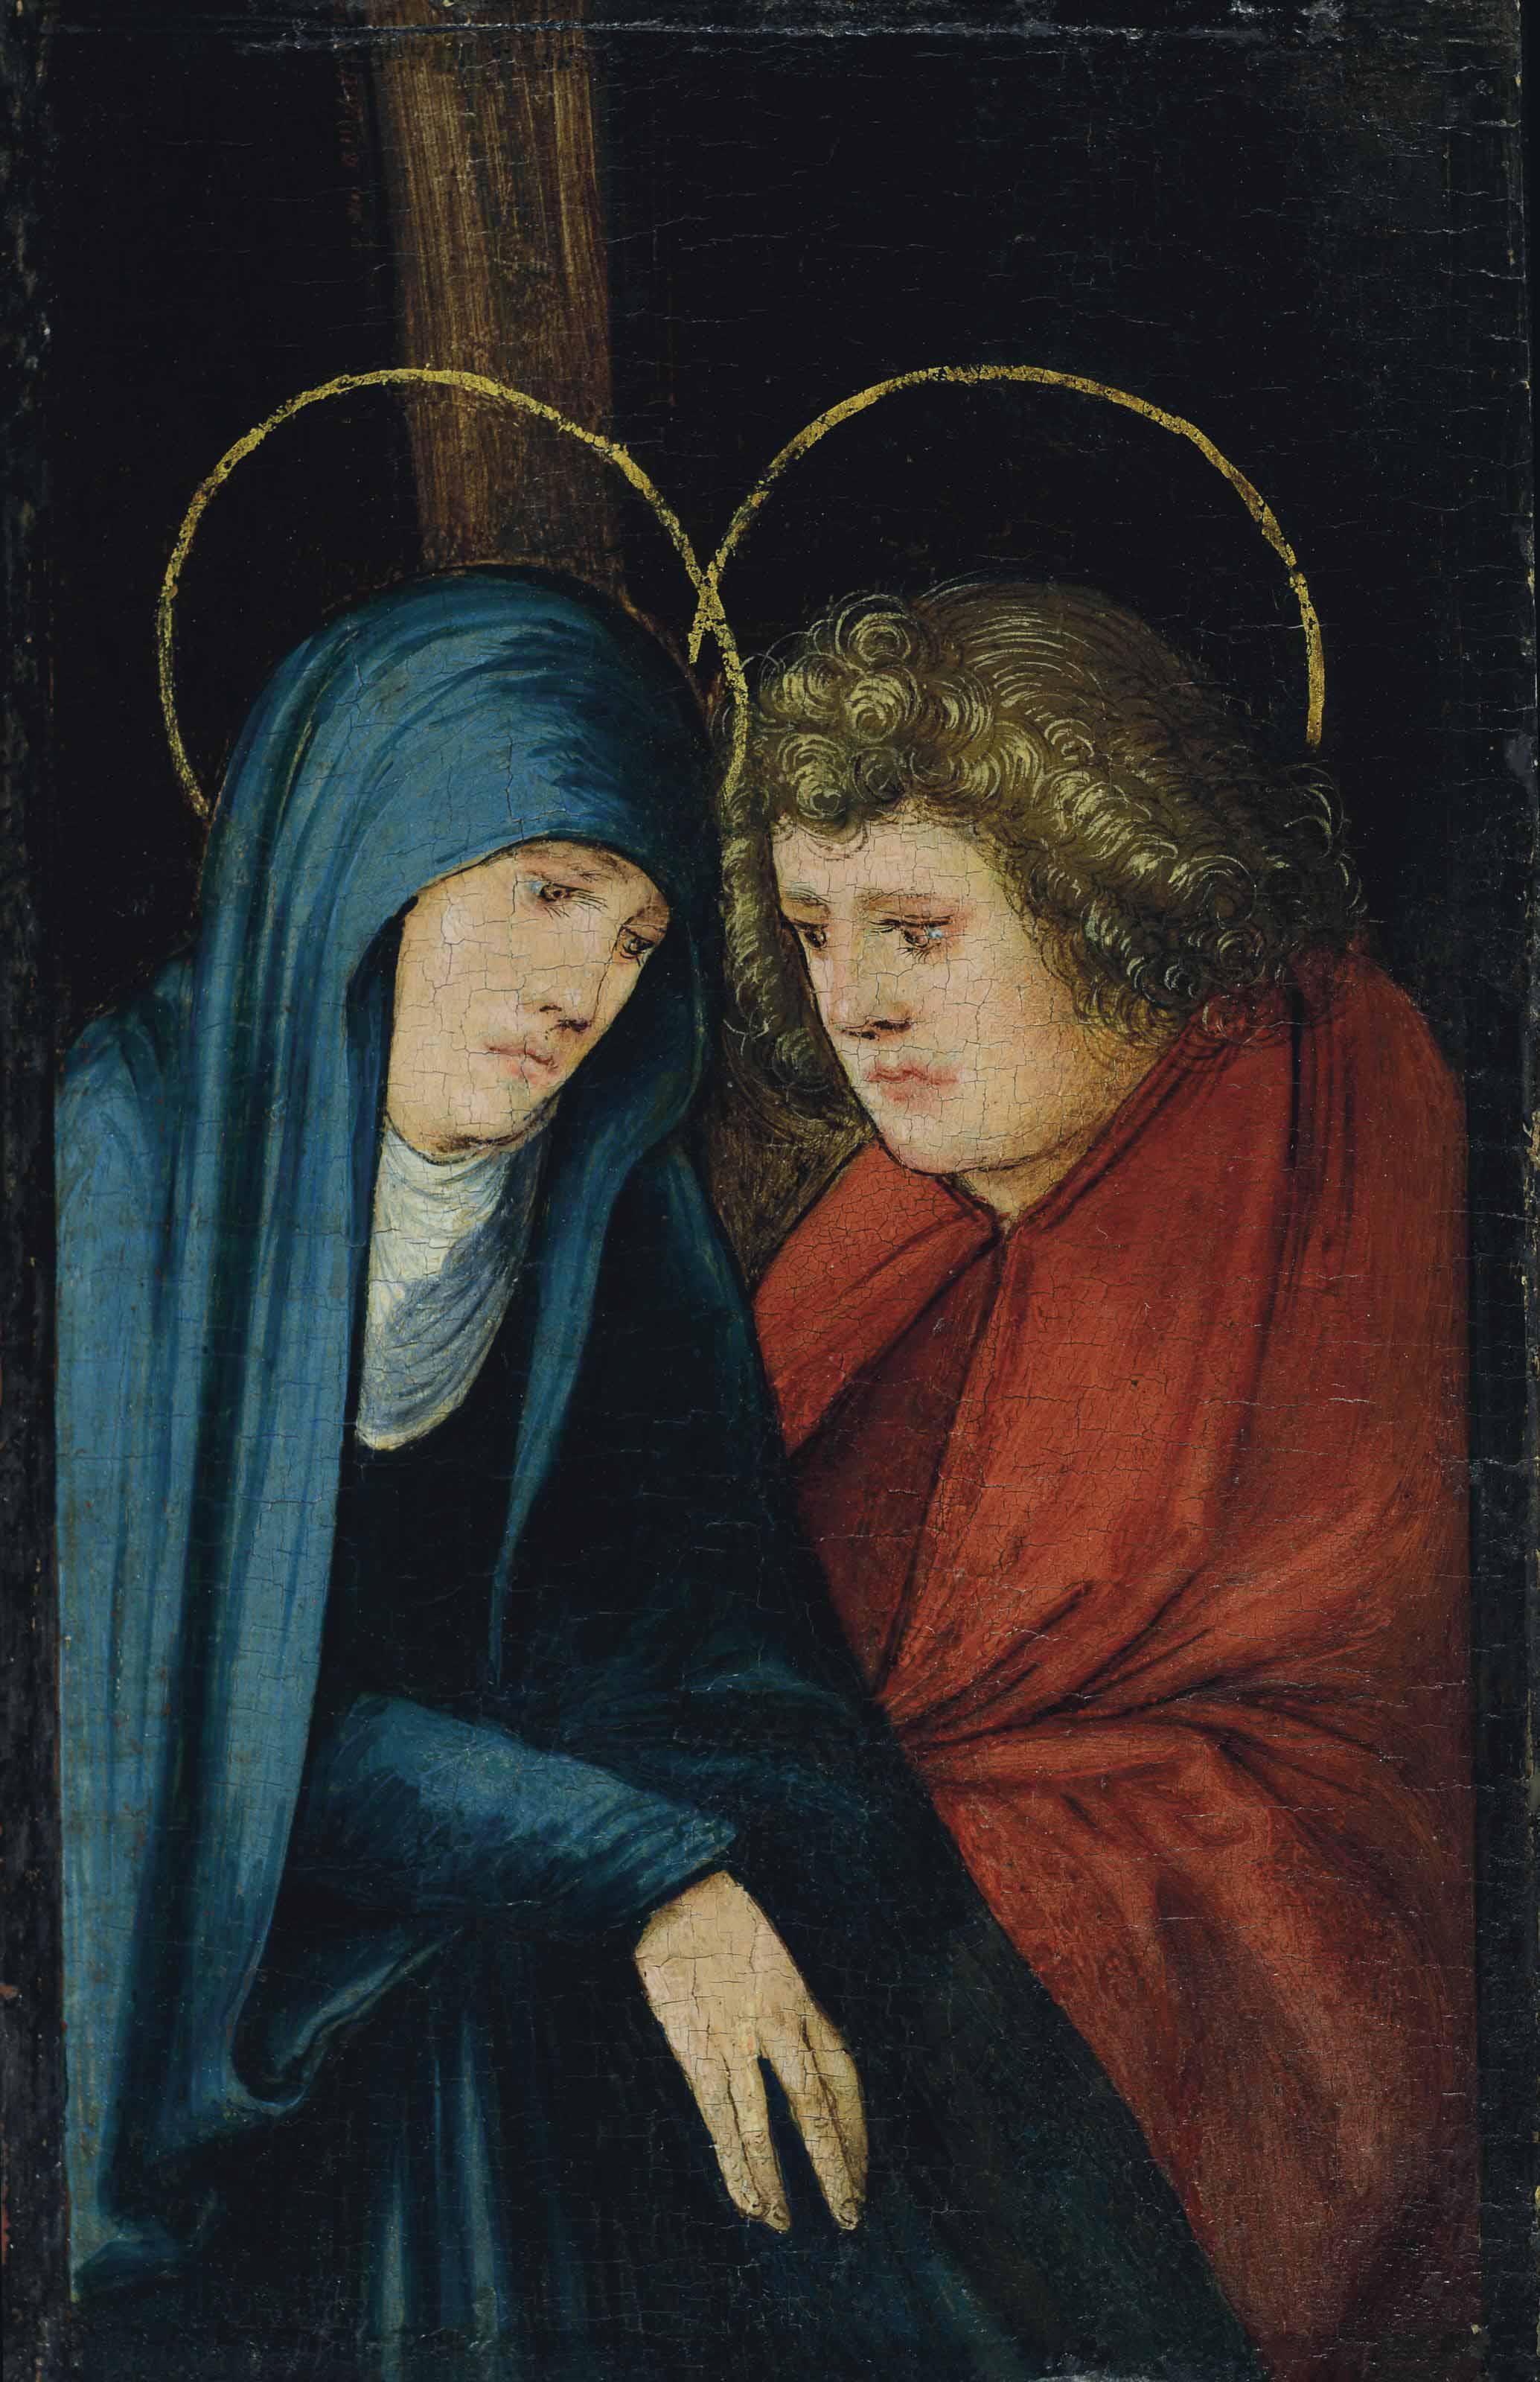 La Vierge et saint Jean au pied de la croix